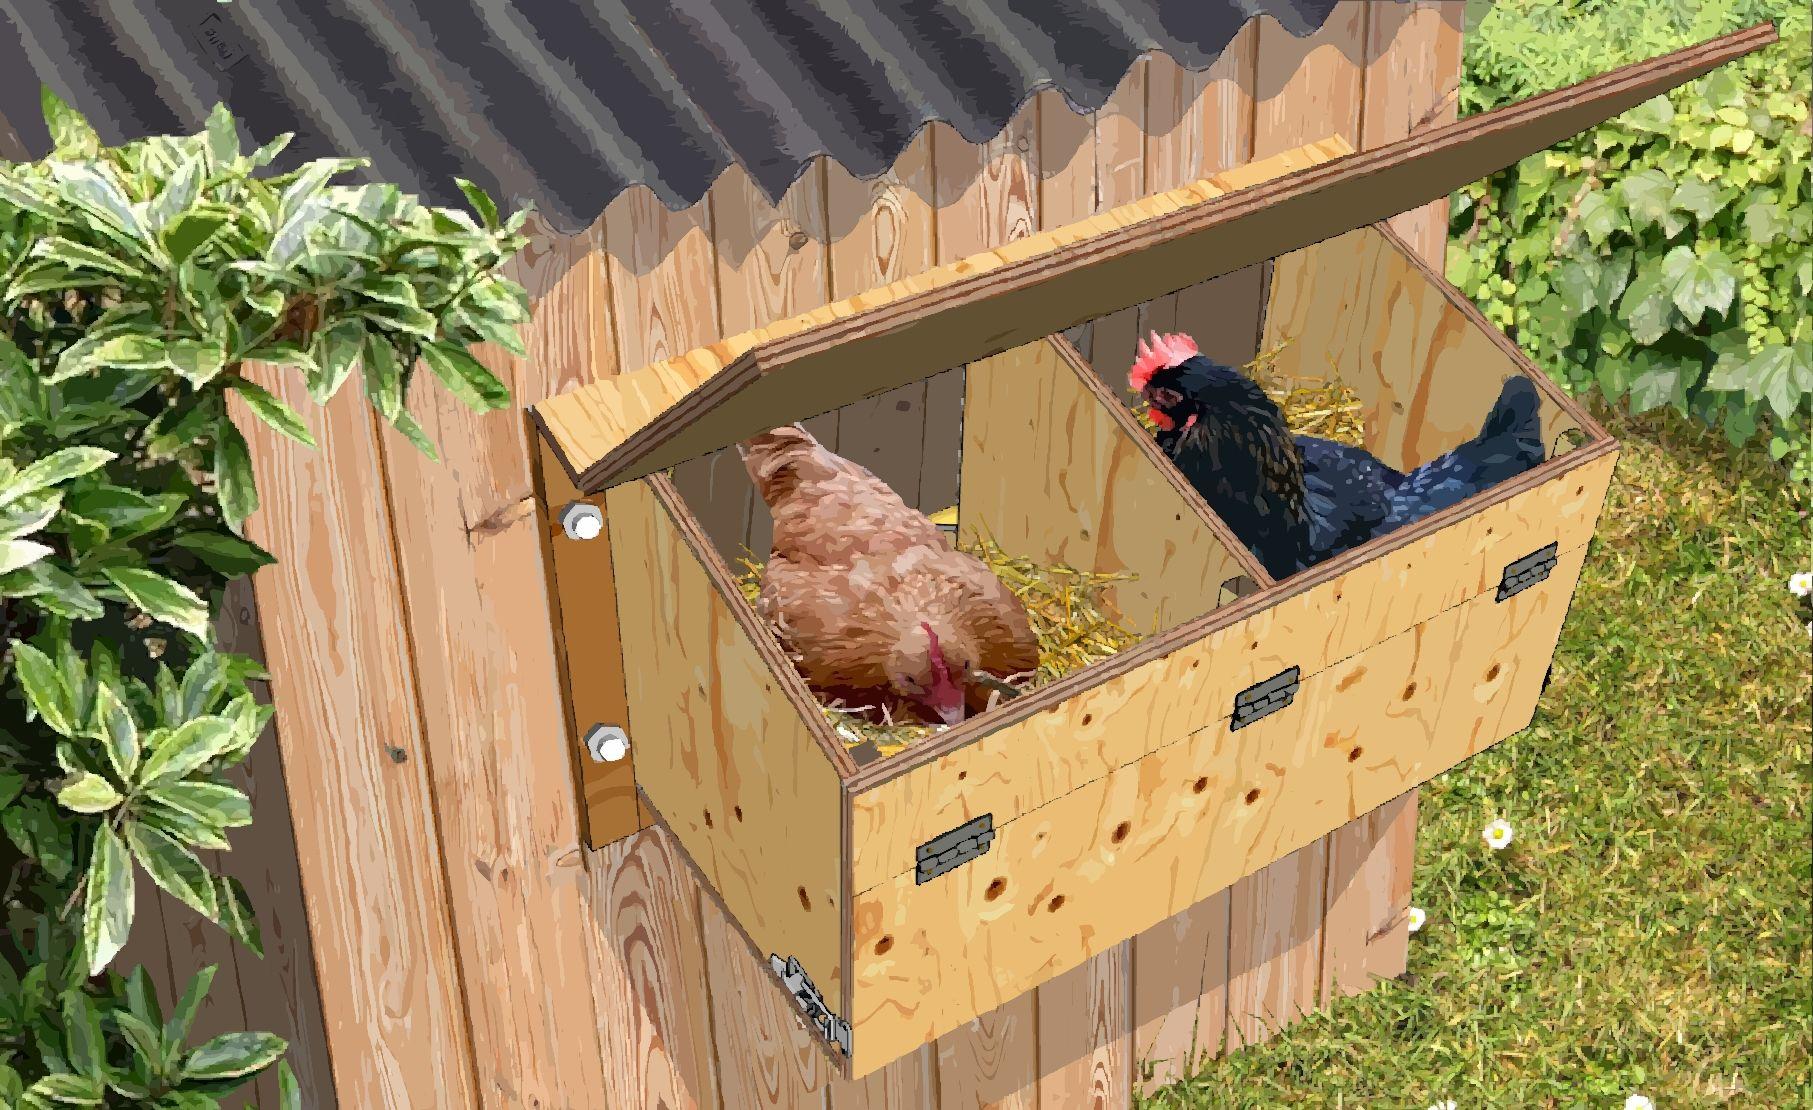 Il Y A Deux Methodes Pour Construire Et Installer Un Nichoir Pondoir Pour Les Poules Soit Pondoir Poulailler Fabriquer Un Poulailler Construire Un Poulailler